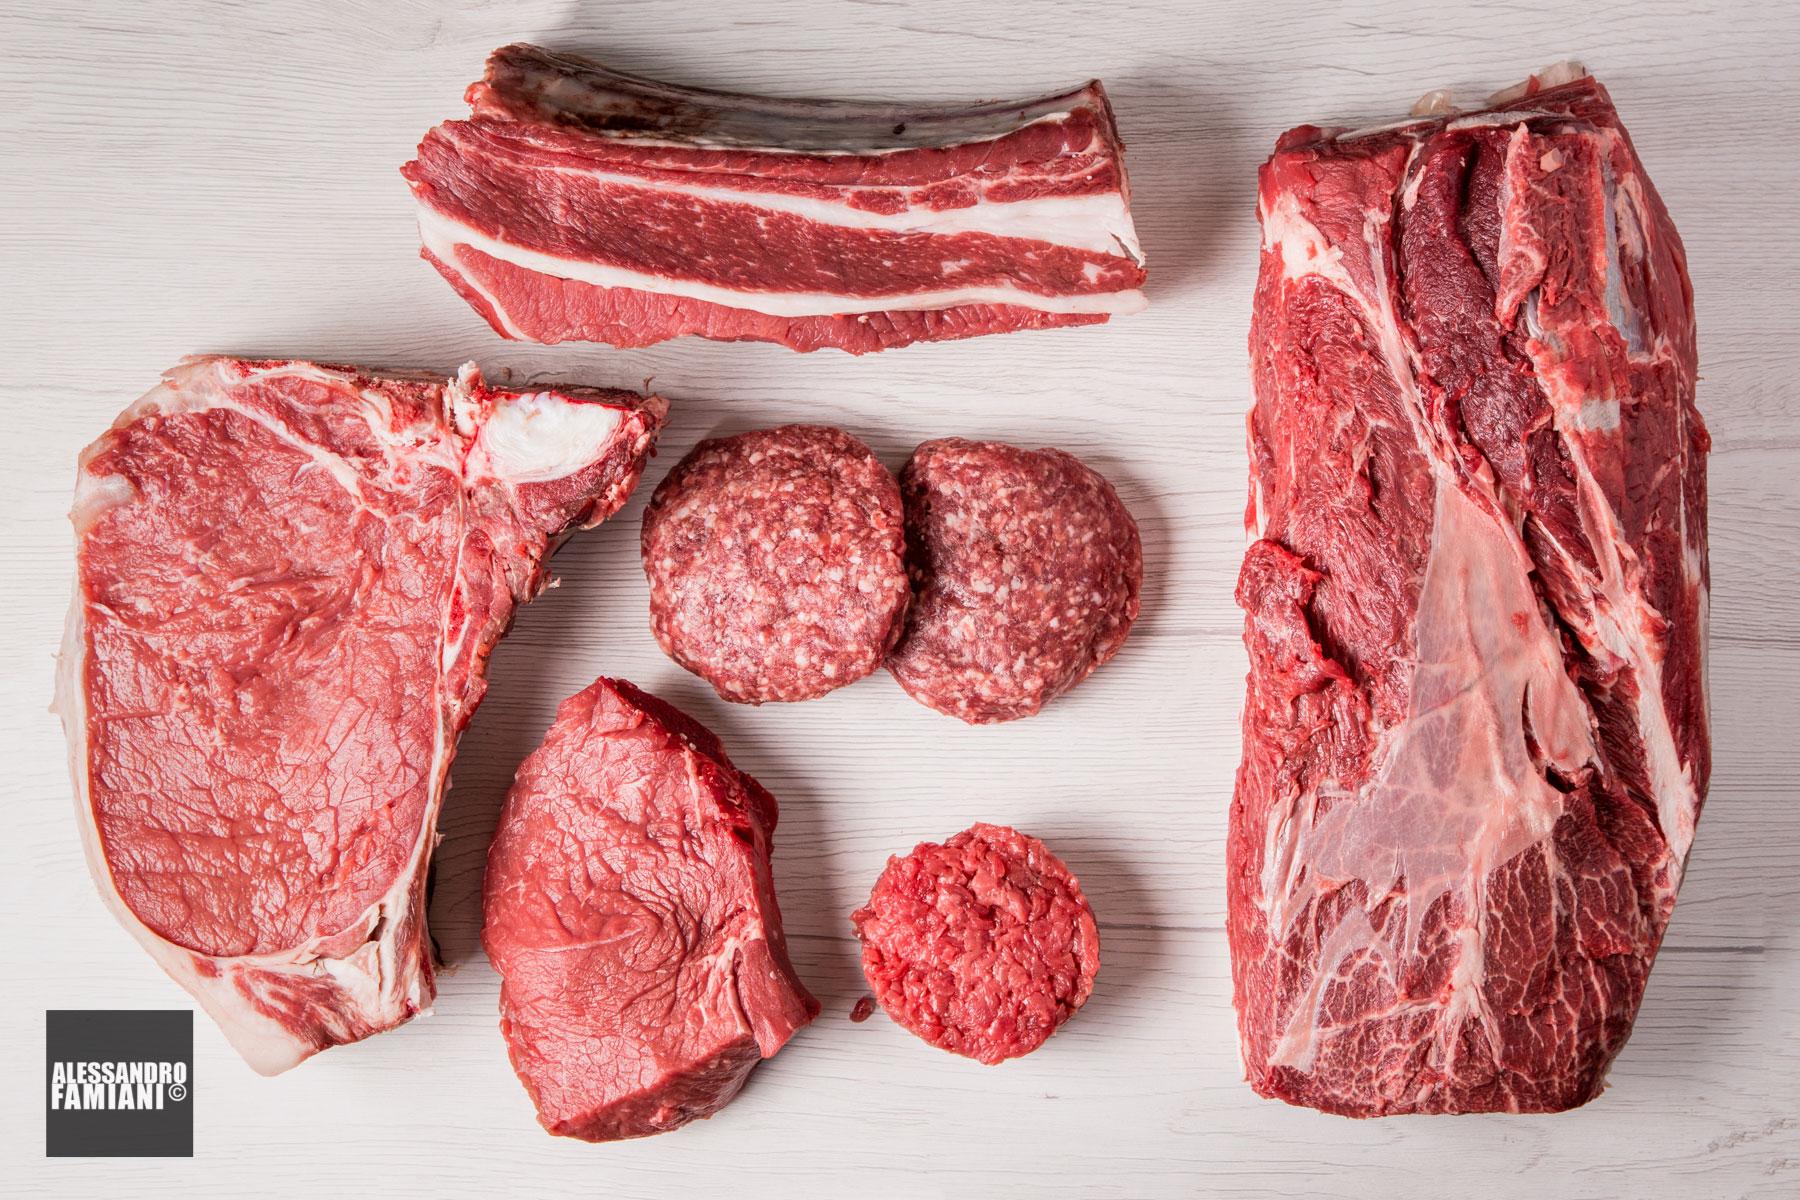 damini-taglio-carne-rossa